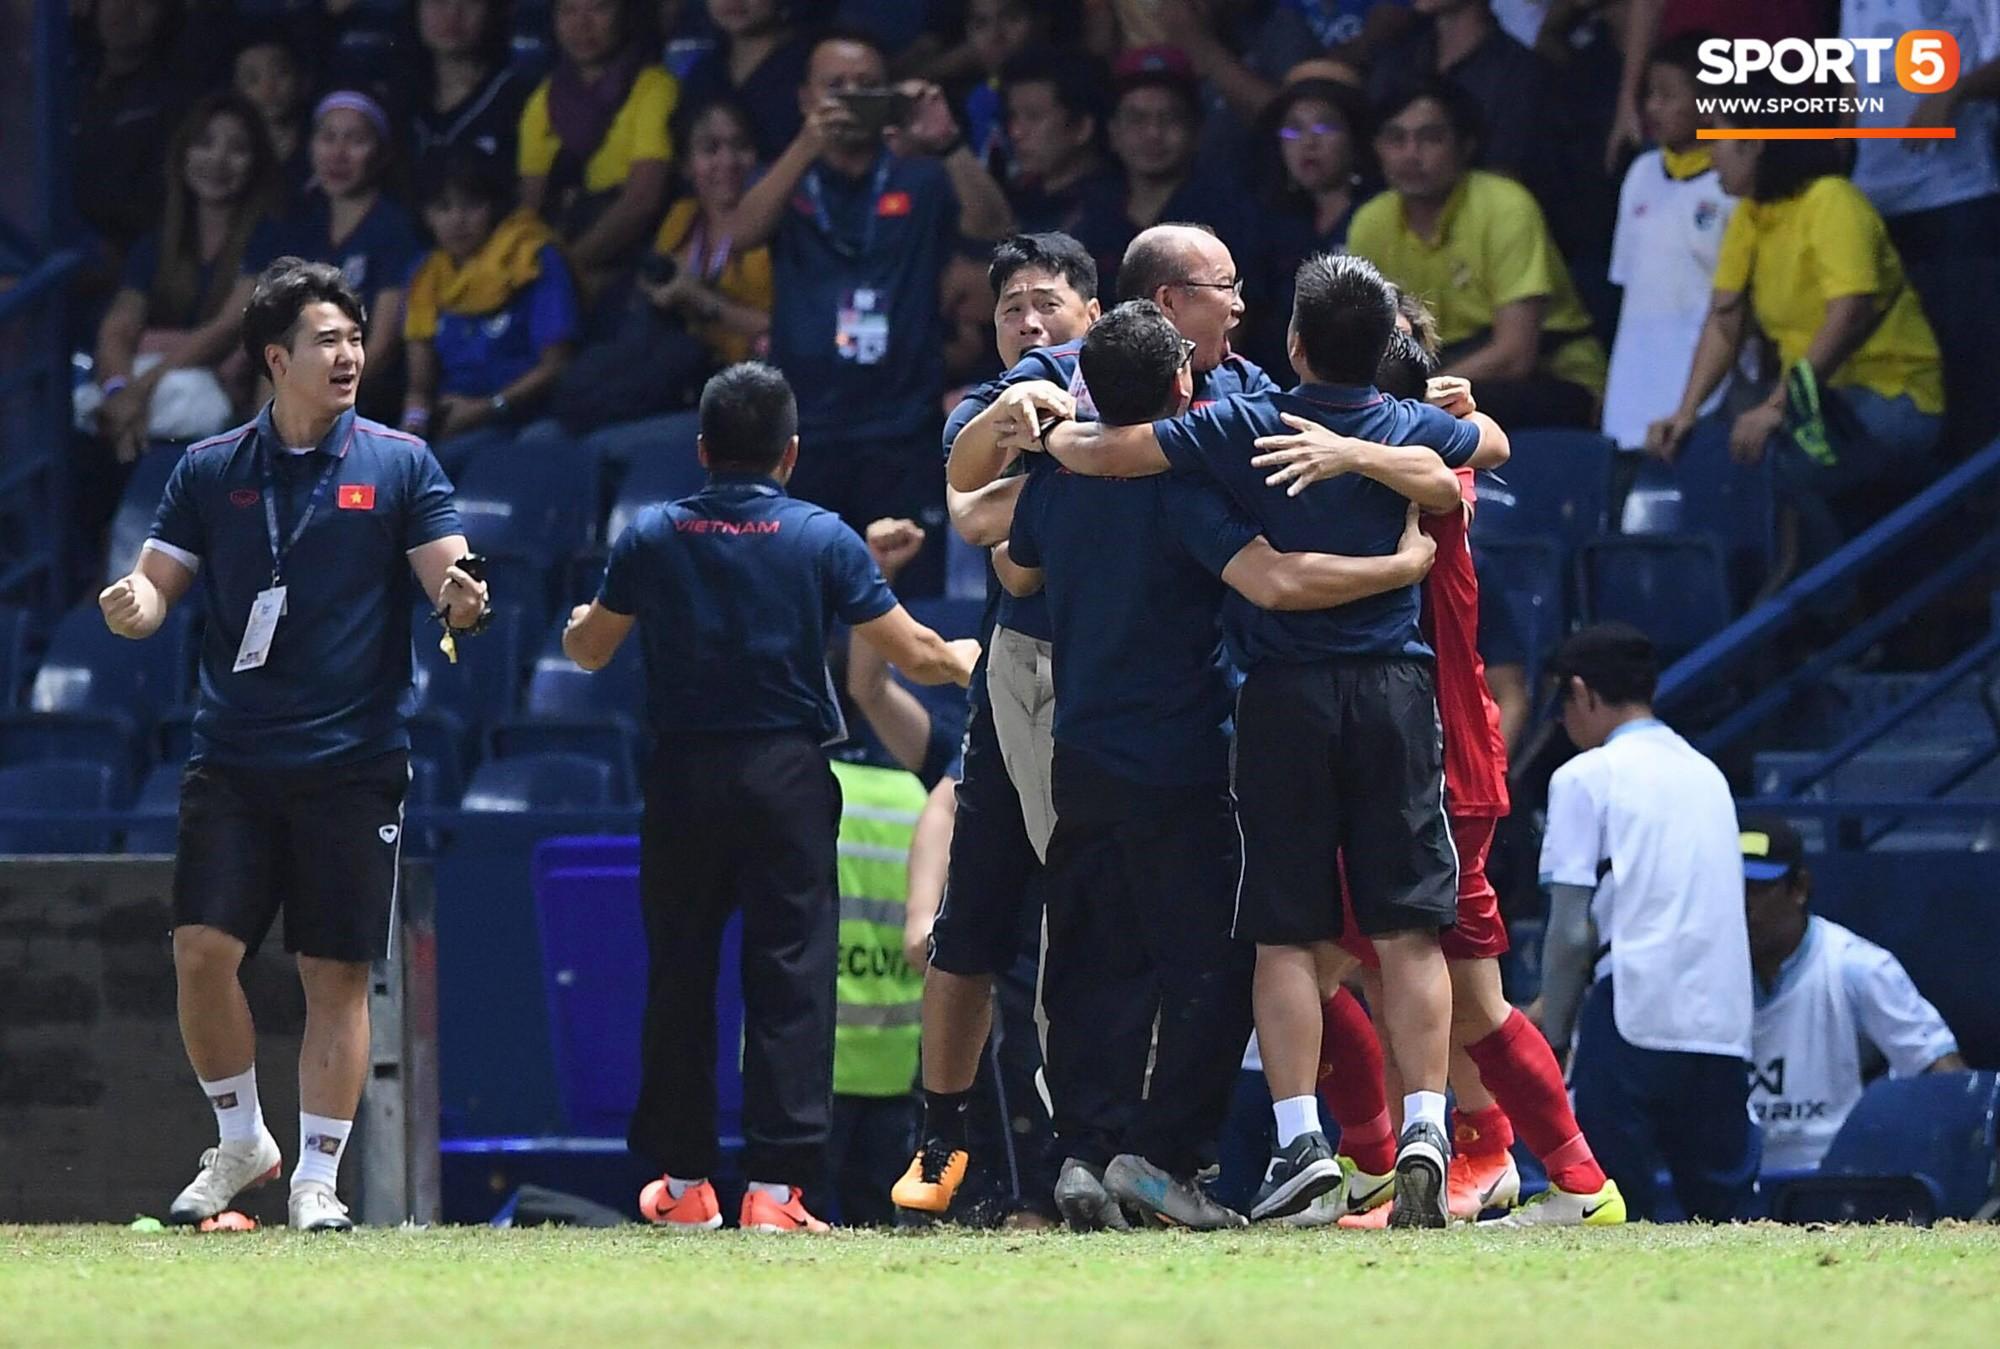 HLV Park Hang-seo ôm đầu tiếc nuối rồi vỡ òa sung sướng sau bàn thắng vàng của Anh Đức - Ảnh 3.